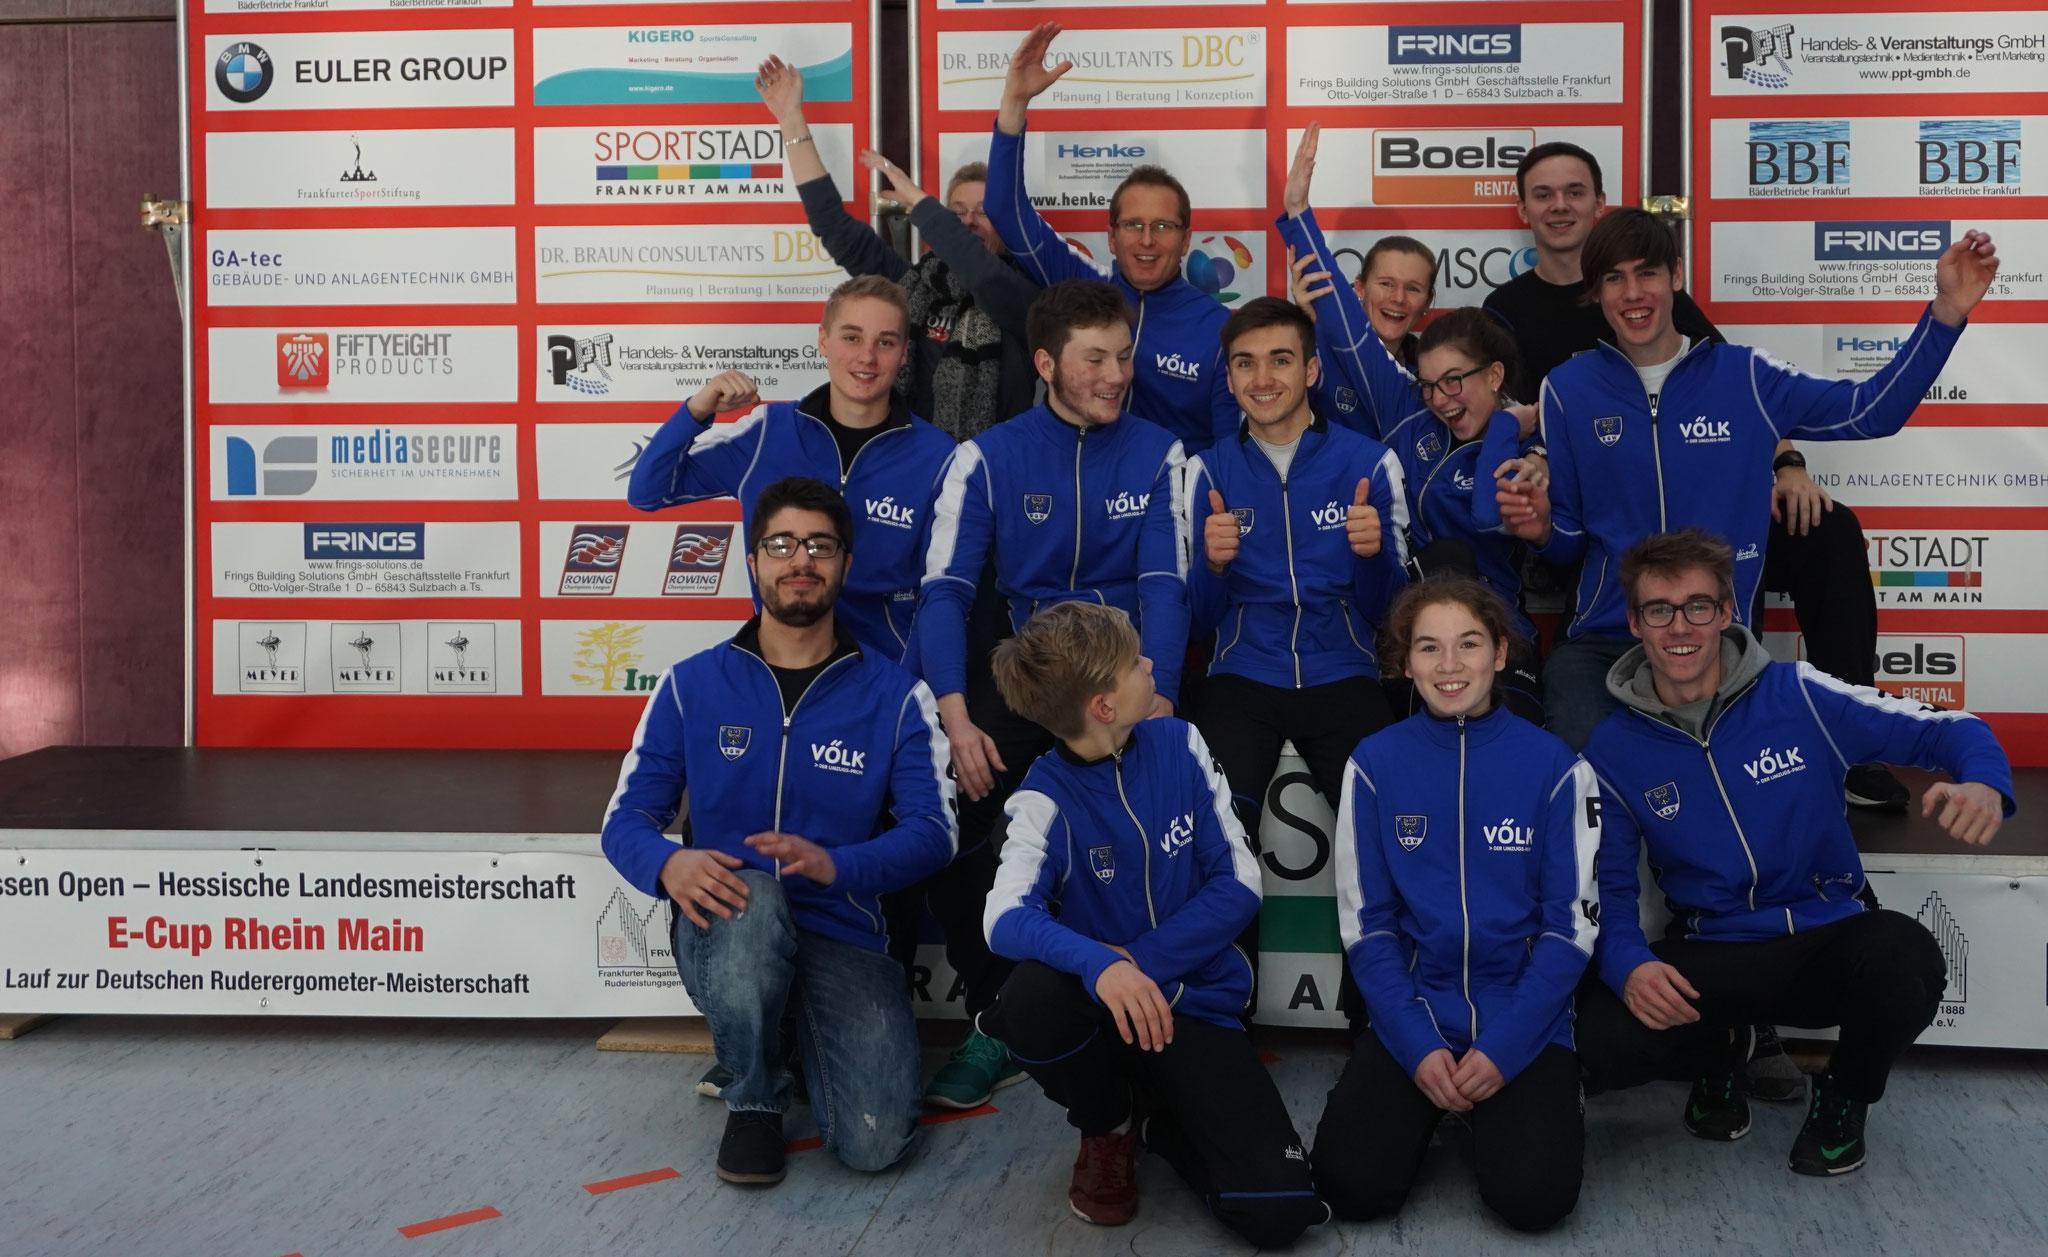 Leistung + Jugendfreizeitsport gemeinsam erfolgreich